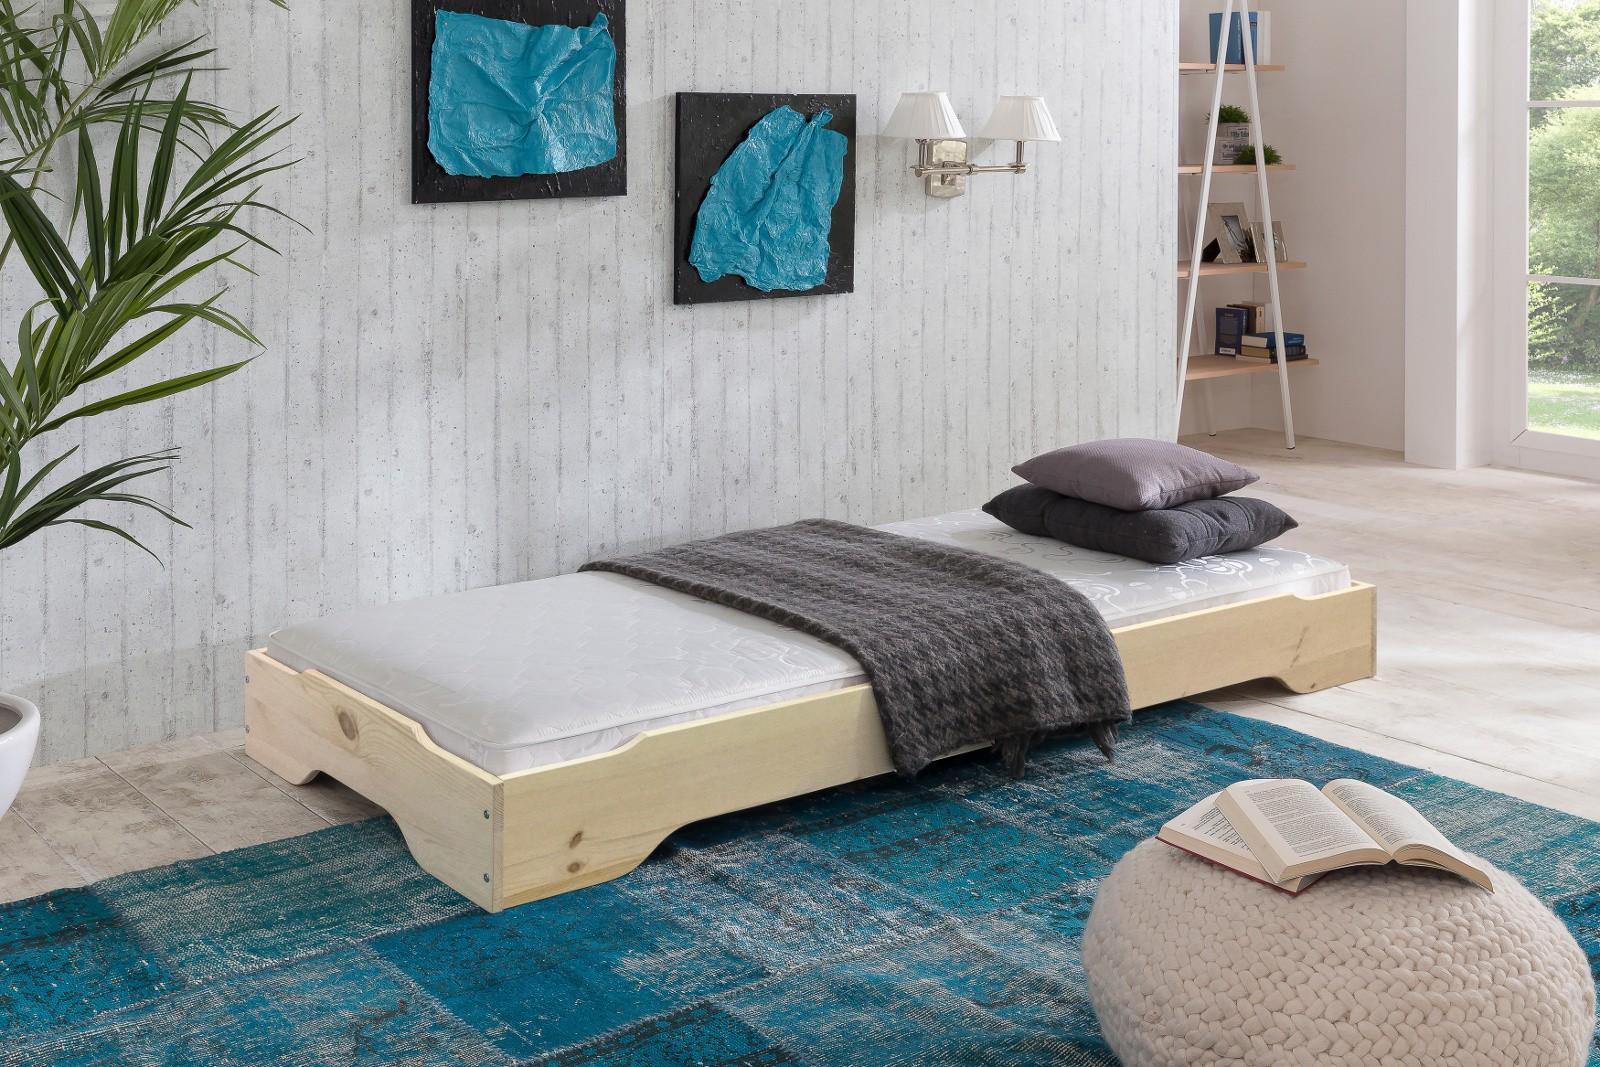 SYLT Stapelbett 90x200 Gästebett Kiefer massiv Natur | Schlafzimmer > Betten > Gästebetten | Kiefer - Lackiert - Massivholz | Empinio24